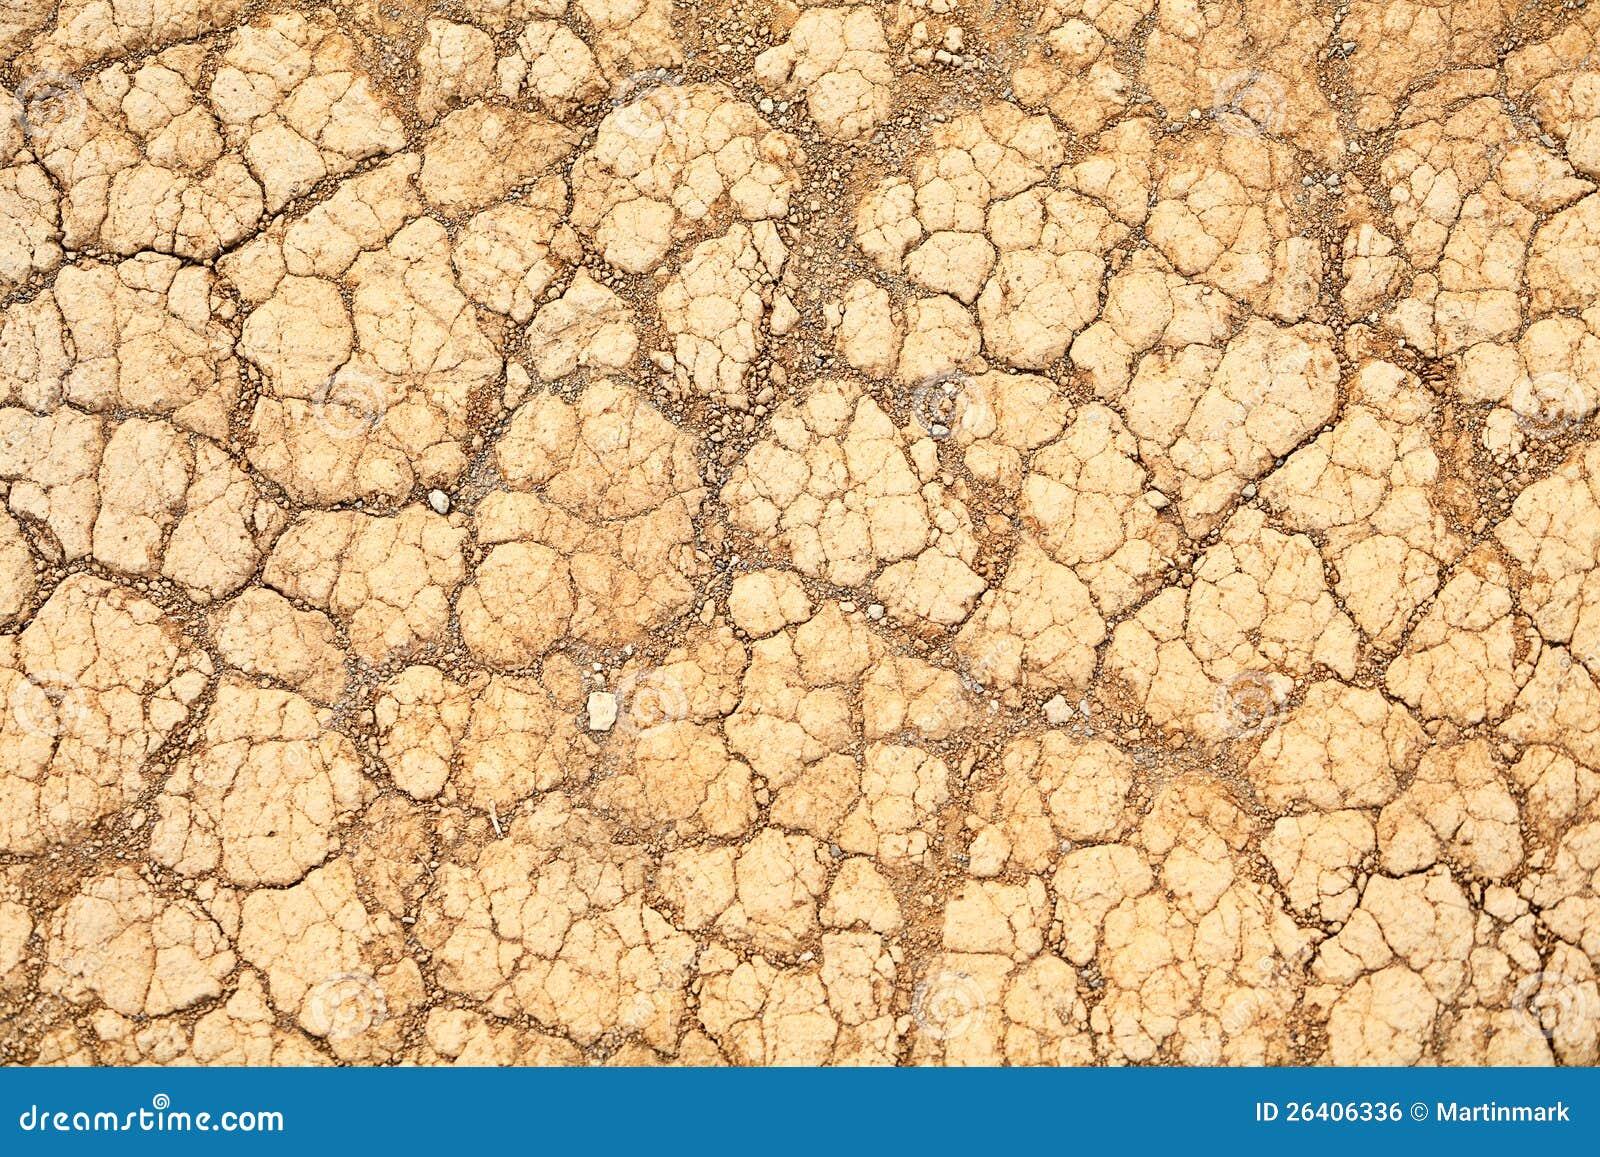 Піски крупним планом 16 фотография